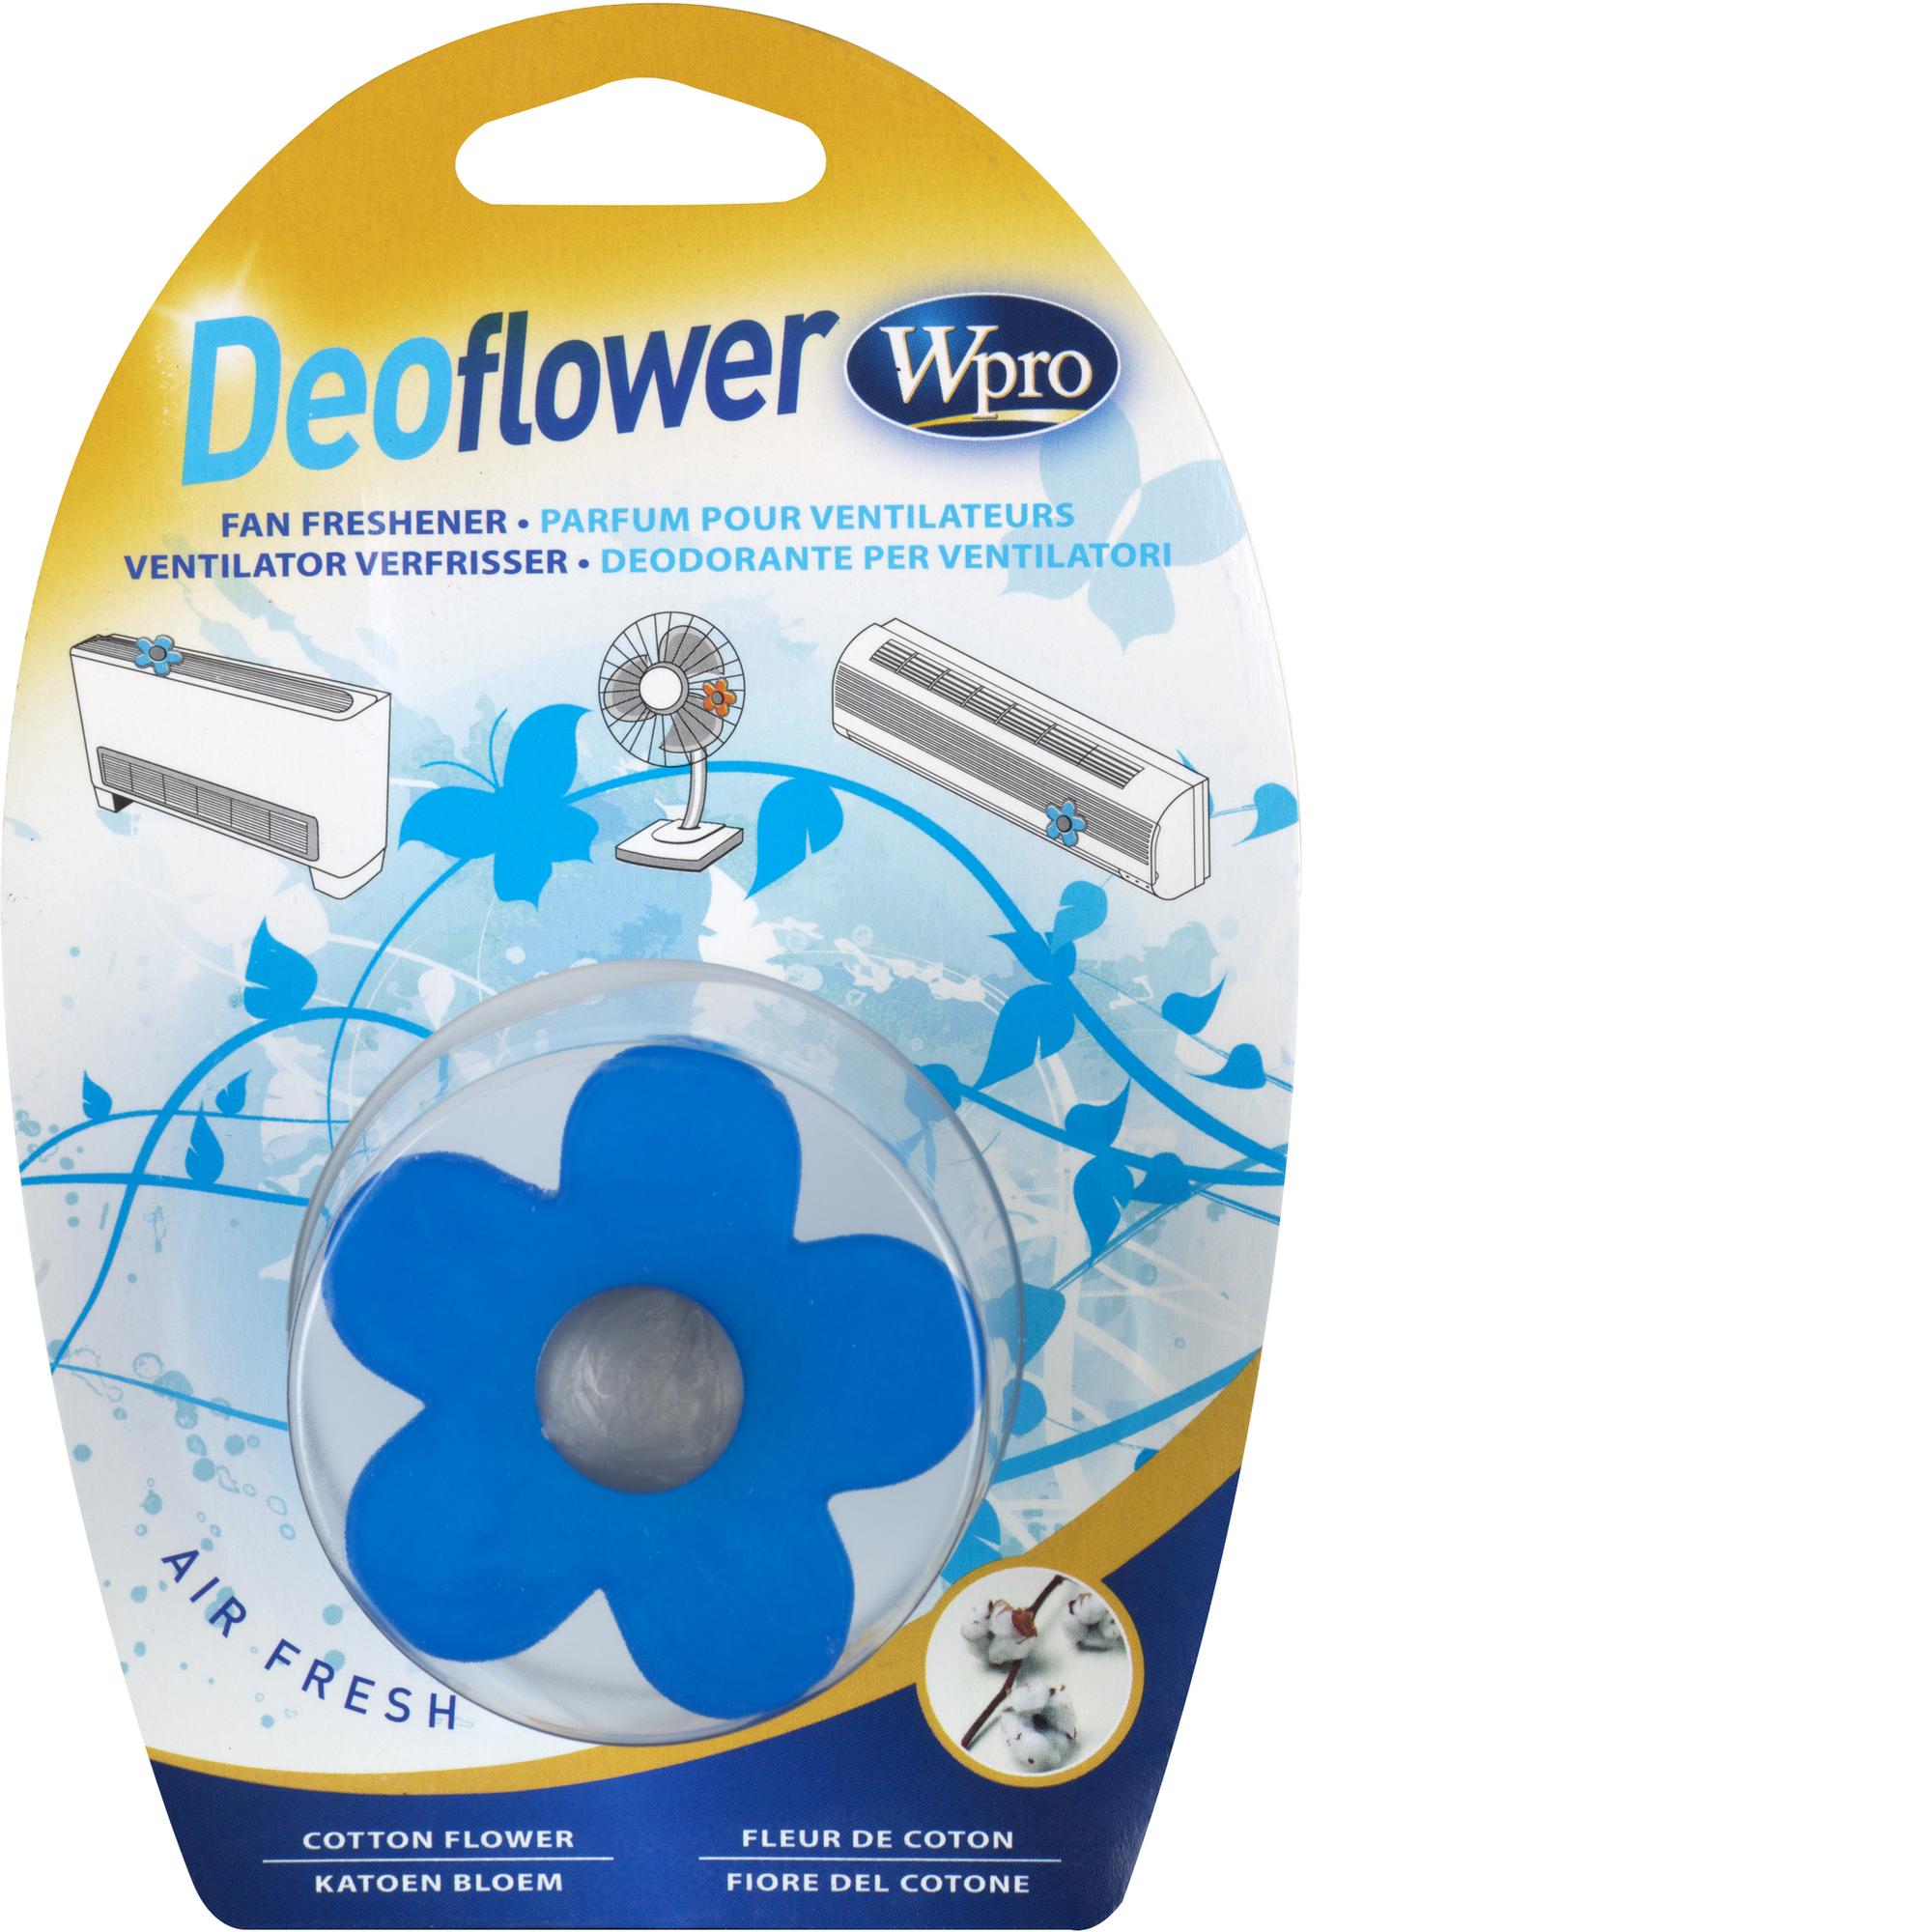 Deoflower - Geurverfrisser Voor Ventilator en Airconditioners - Katoen Airco 480181700915, Dff200